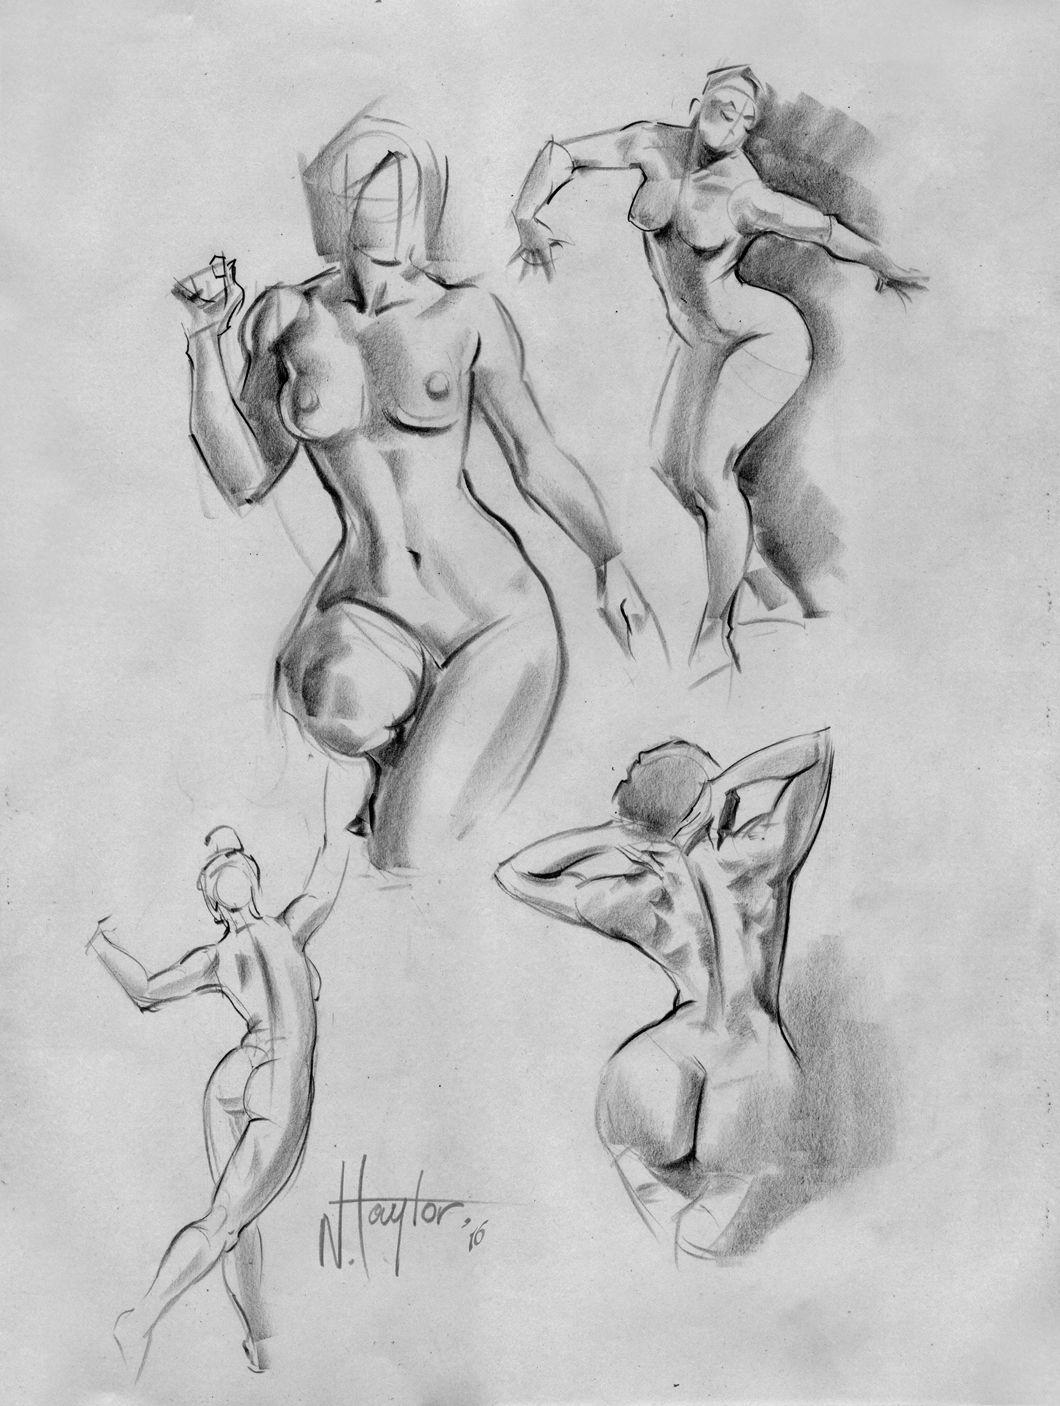 Hermosa La Anatomía De Los Grises Ornamento - Imágenes de Anatomía ...